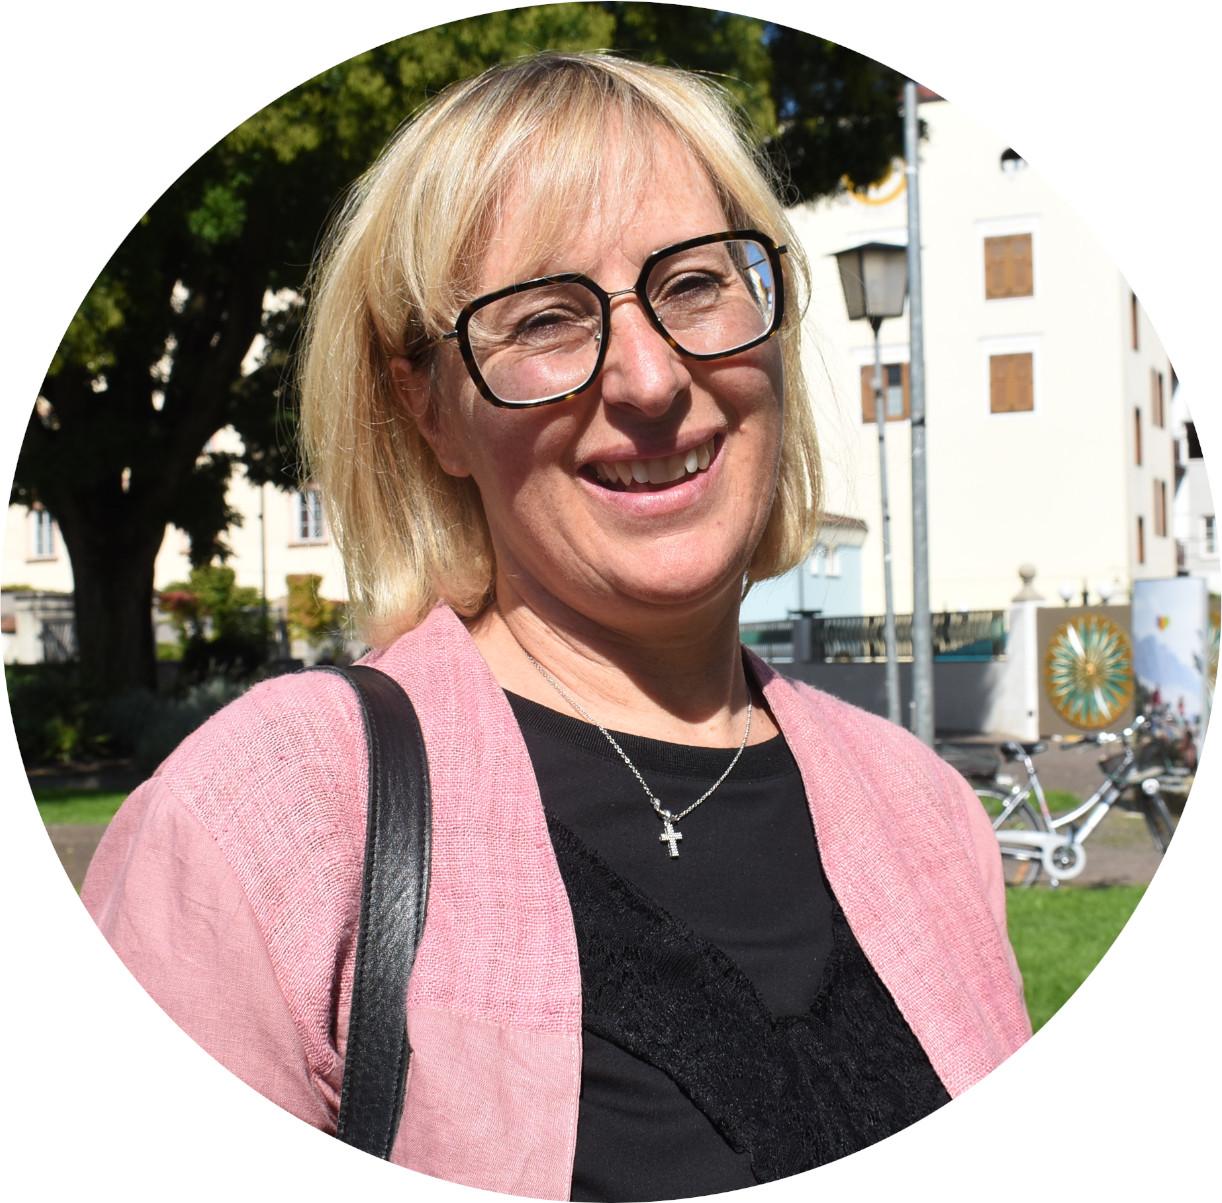 Heidi Mair am Tinkhof rund größer